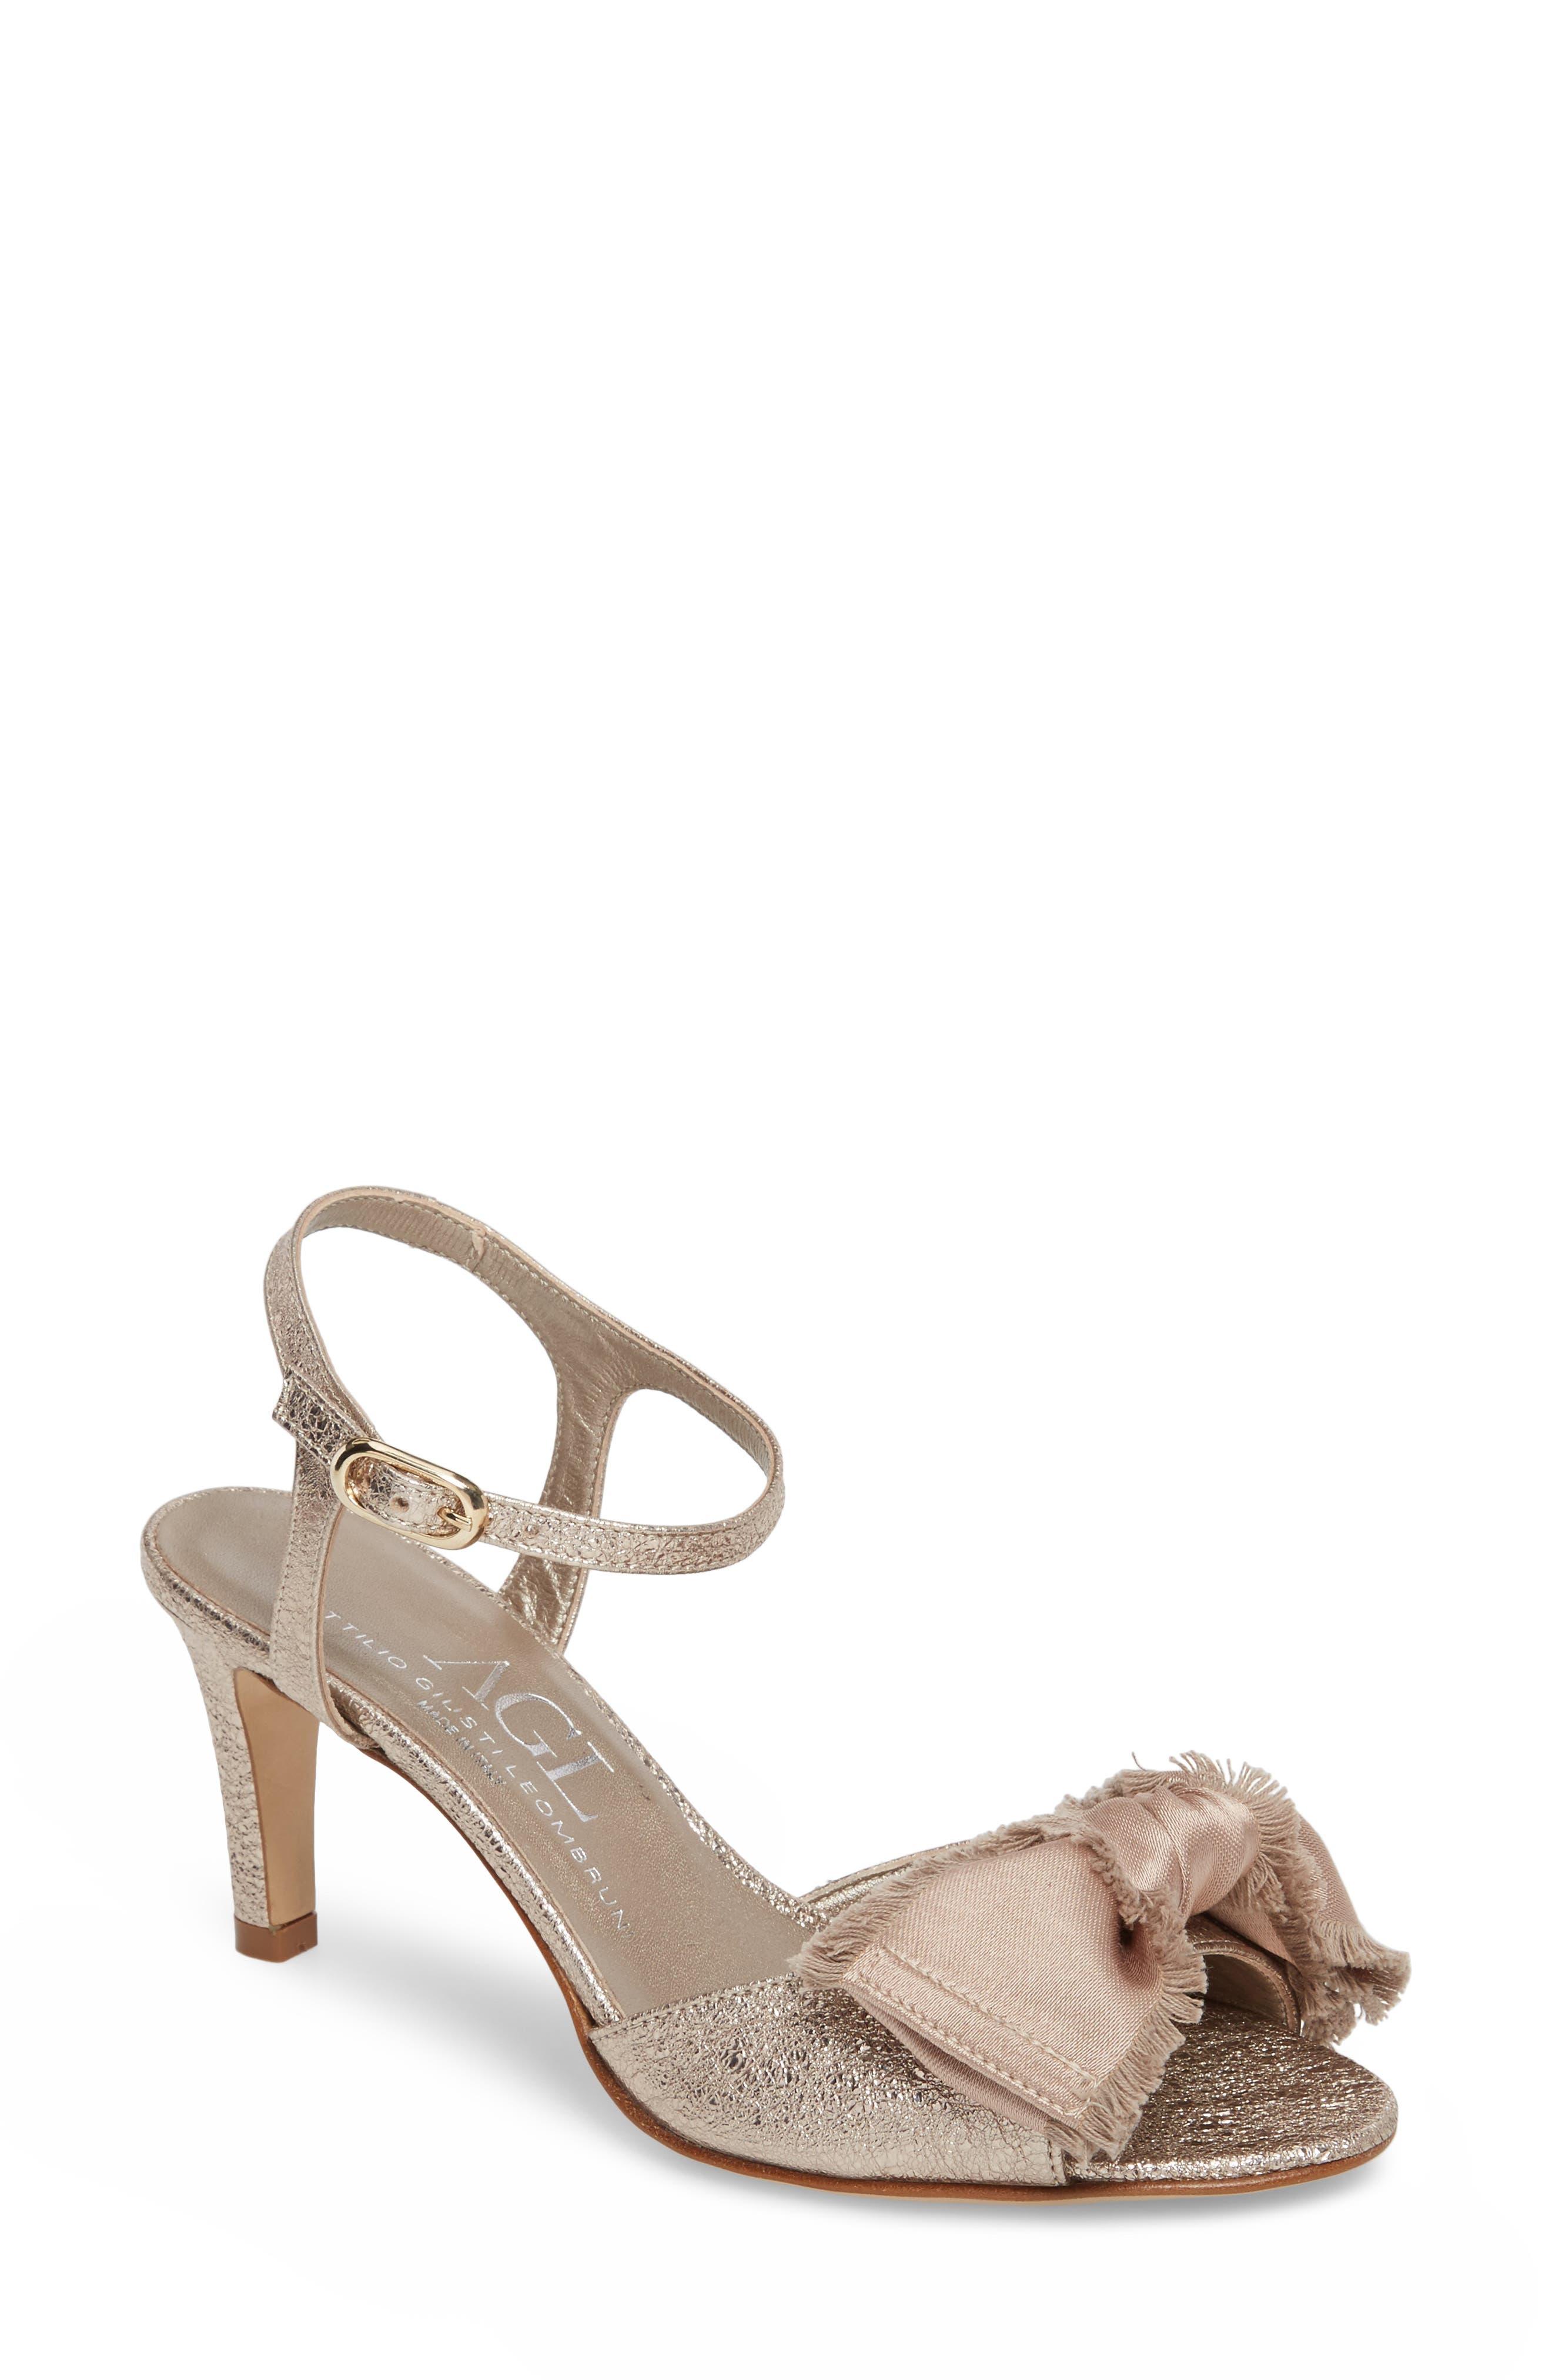 Alternate Image 1 Selected - AGL Glam Sandal (Women)